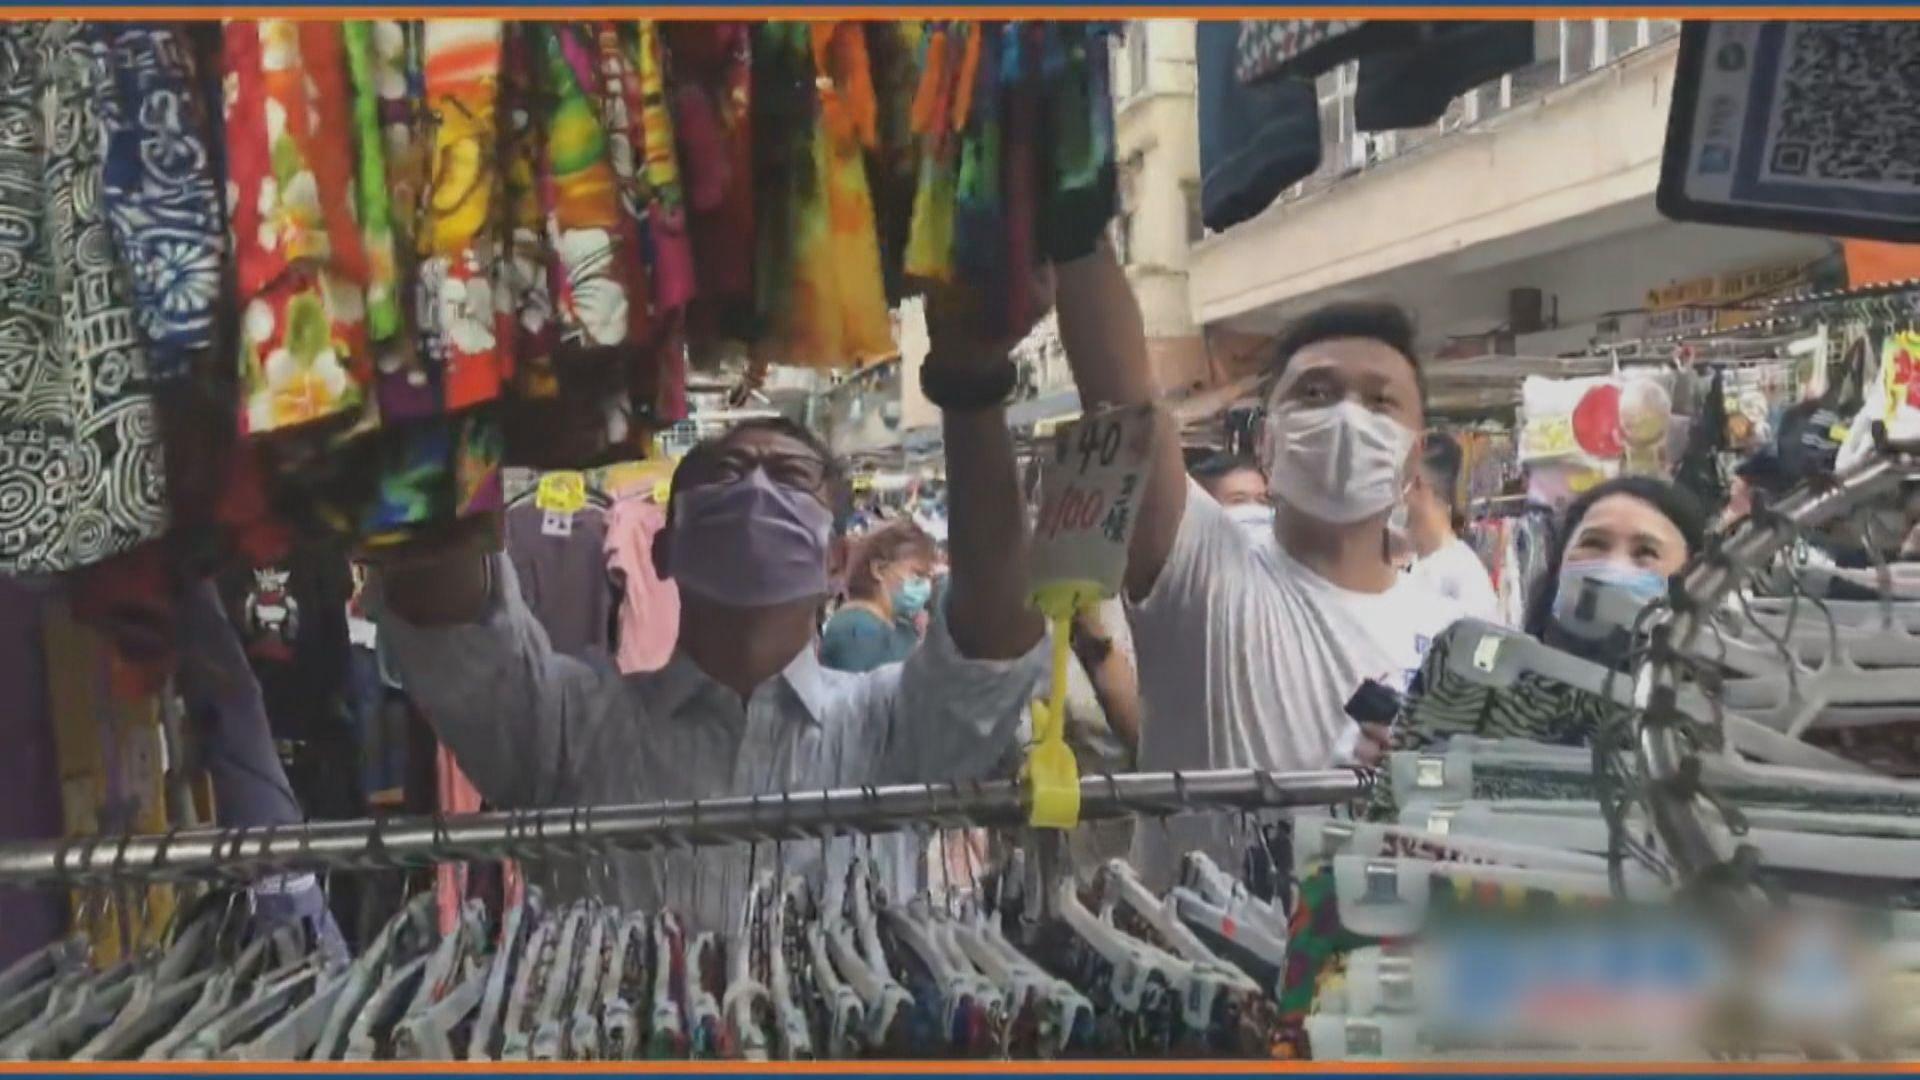 陳茂波冀消費券增強對電子支付需求並帶動經濟復甦